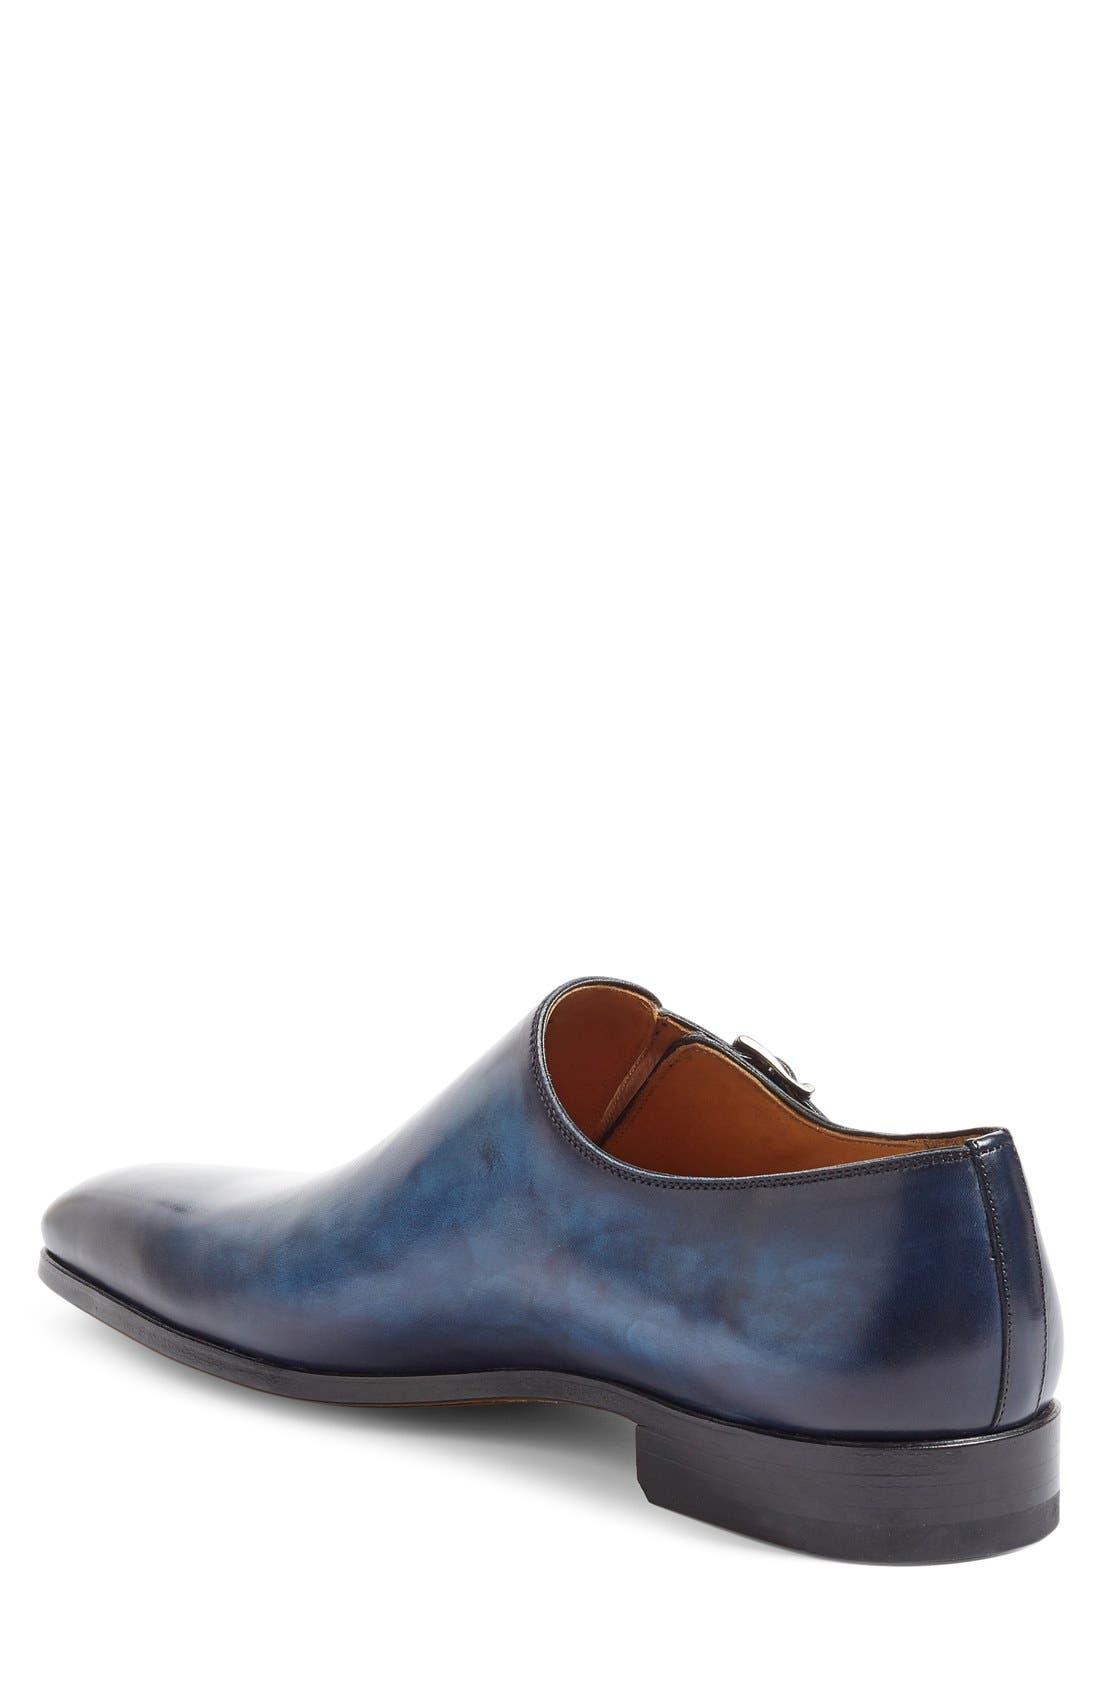 Beltran Monk Strap Shoe,                             Alternate thumbnail 2, color,                             410